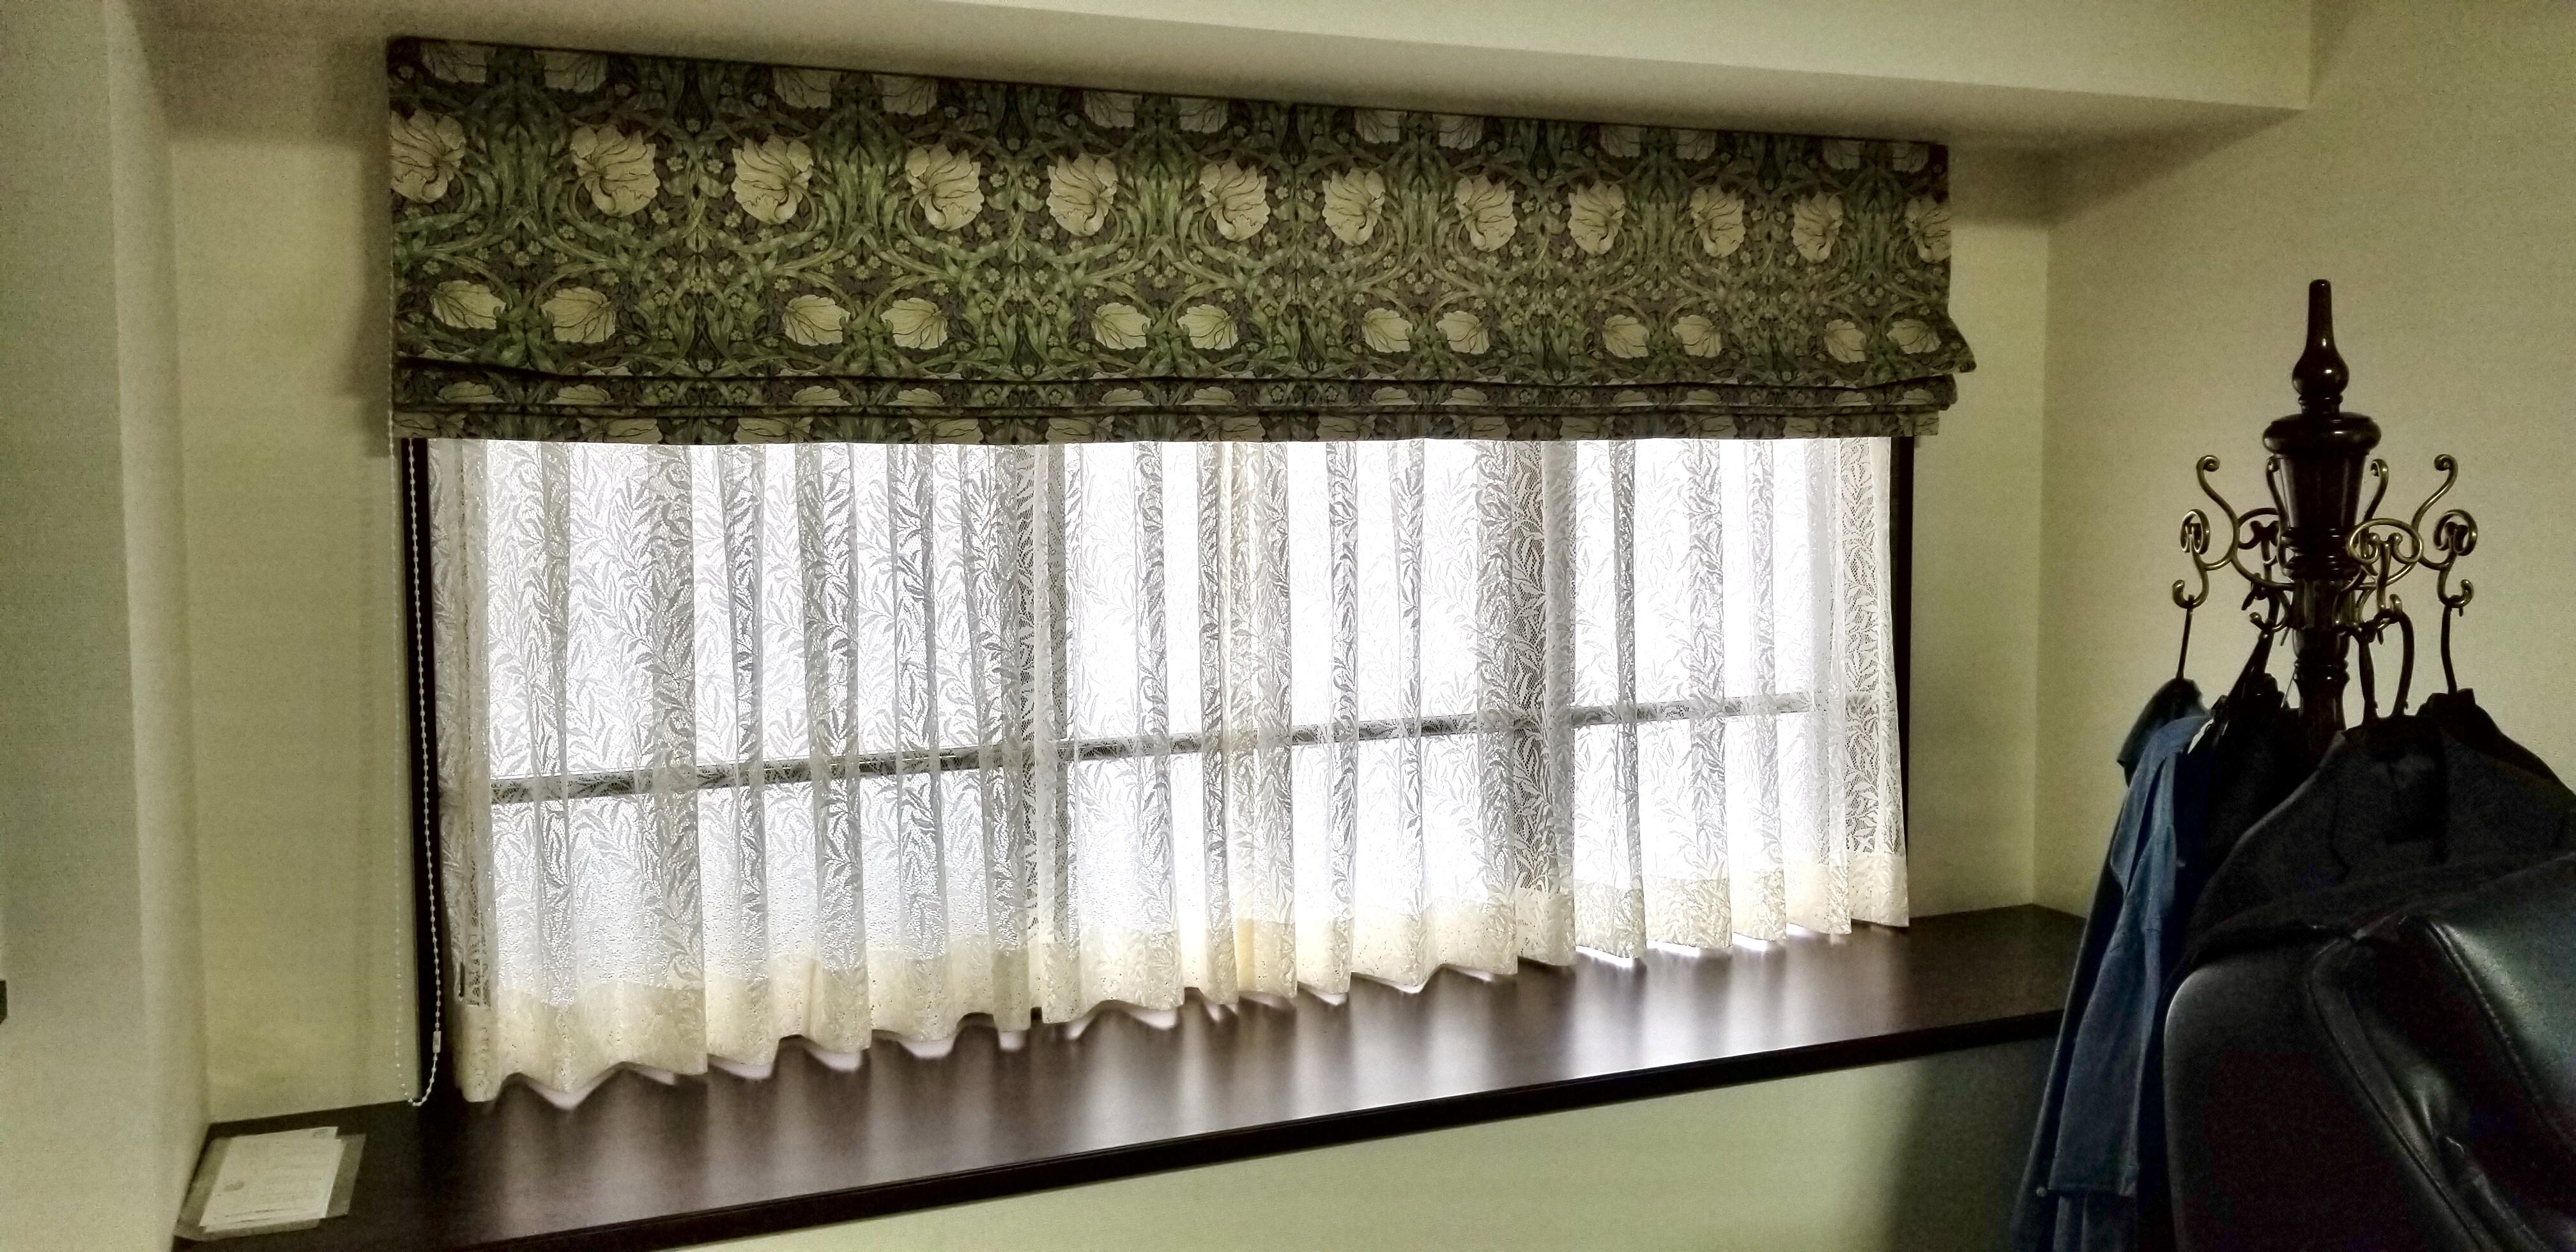 ウィリアムモリスのカーテン地を使用したプレーンシェードスタイルの窓辺。